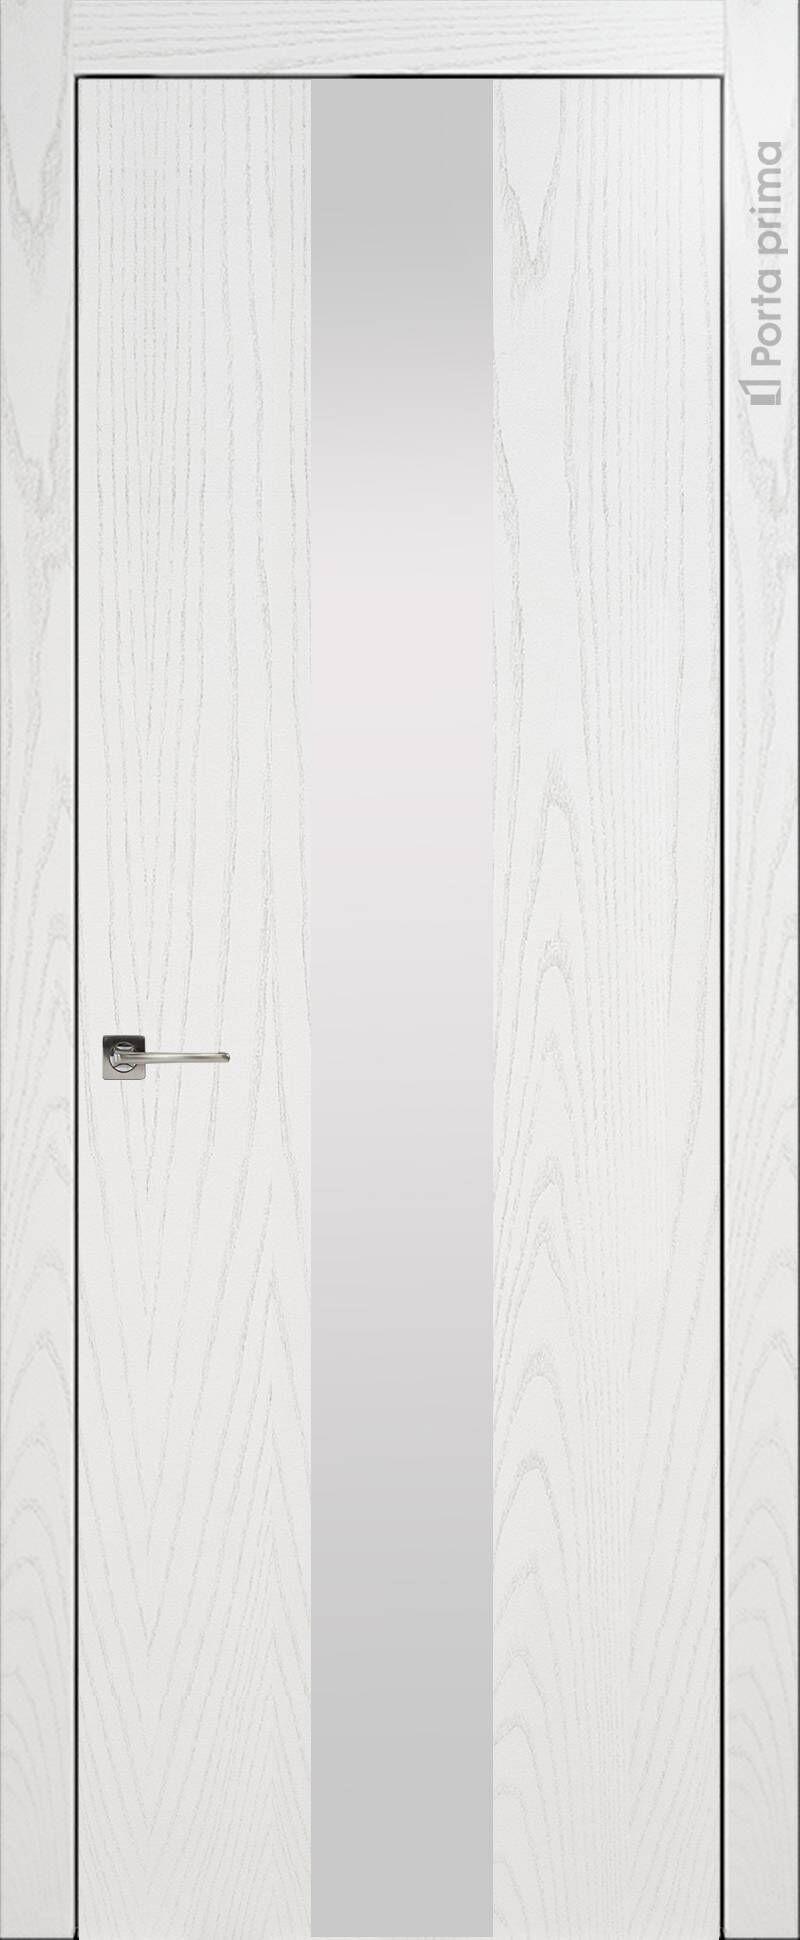 Tivoli Ж-1 цвет - Белый ясень (шпон) Со стеклом (ДО)